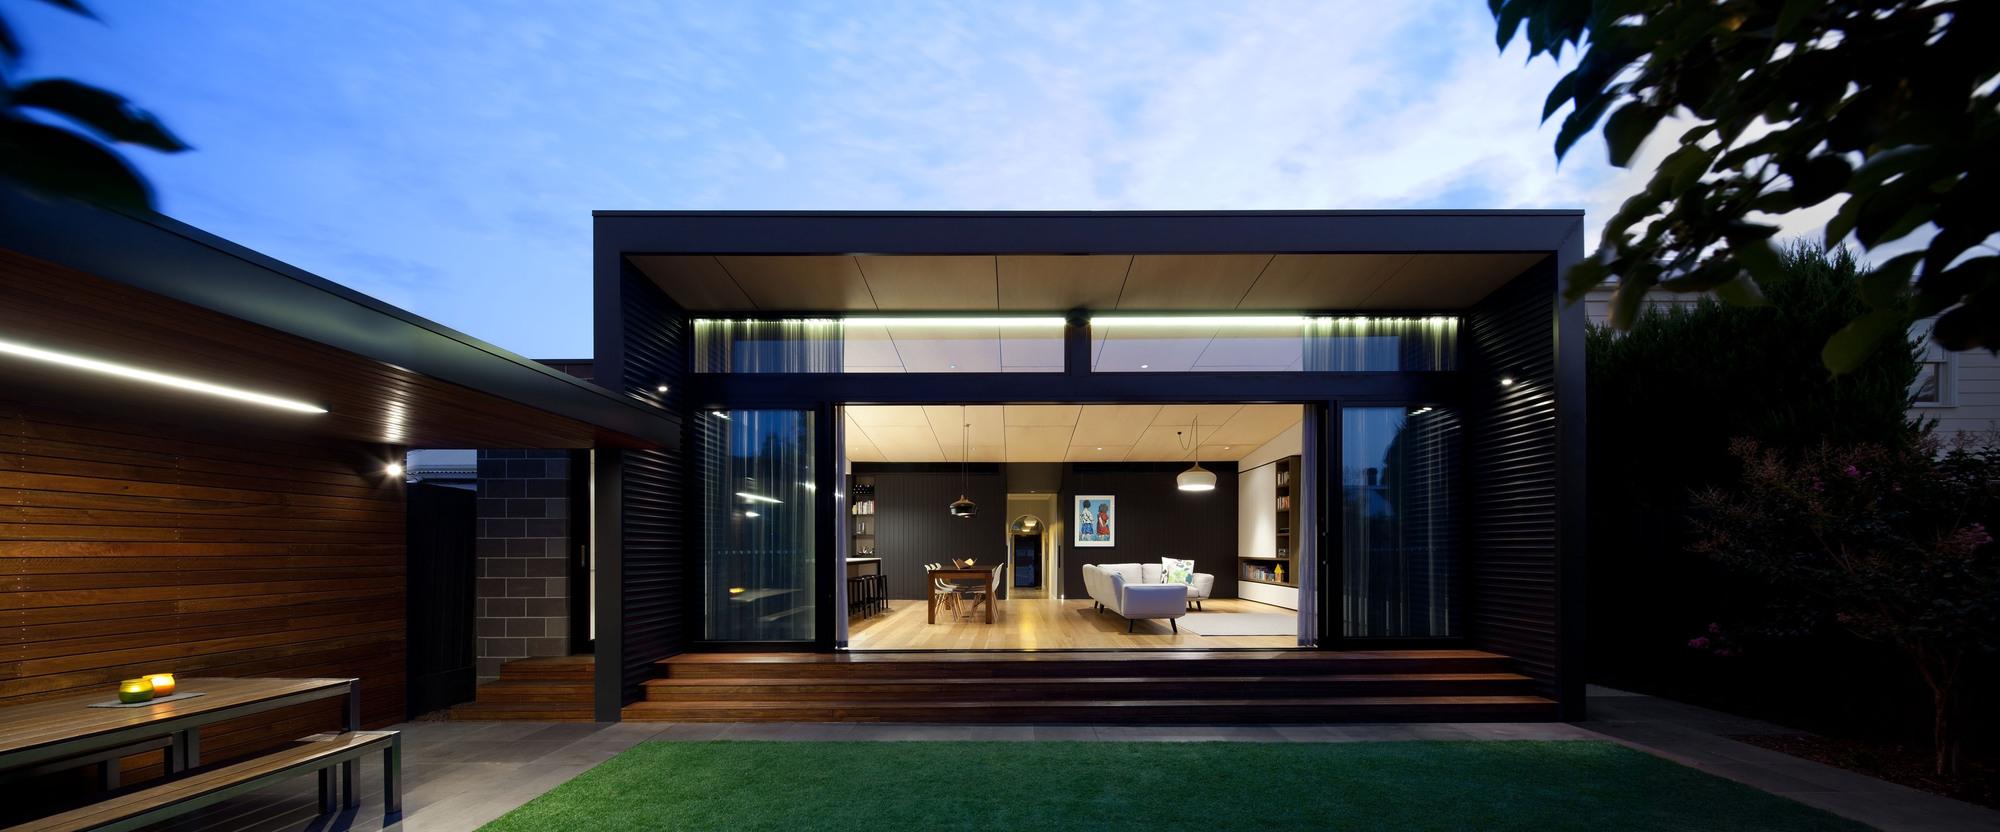 Дизайн дома снаружи в современном стиле